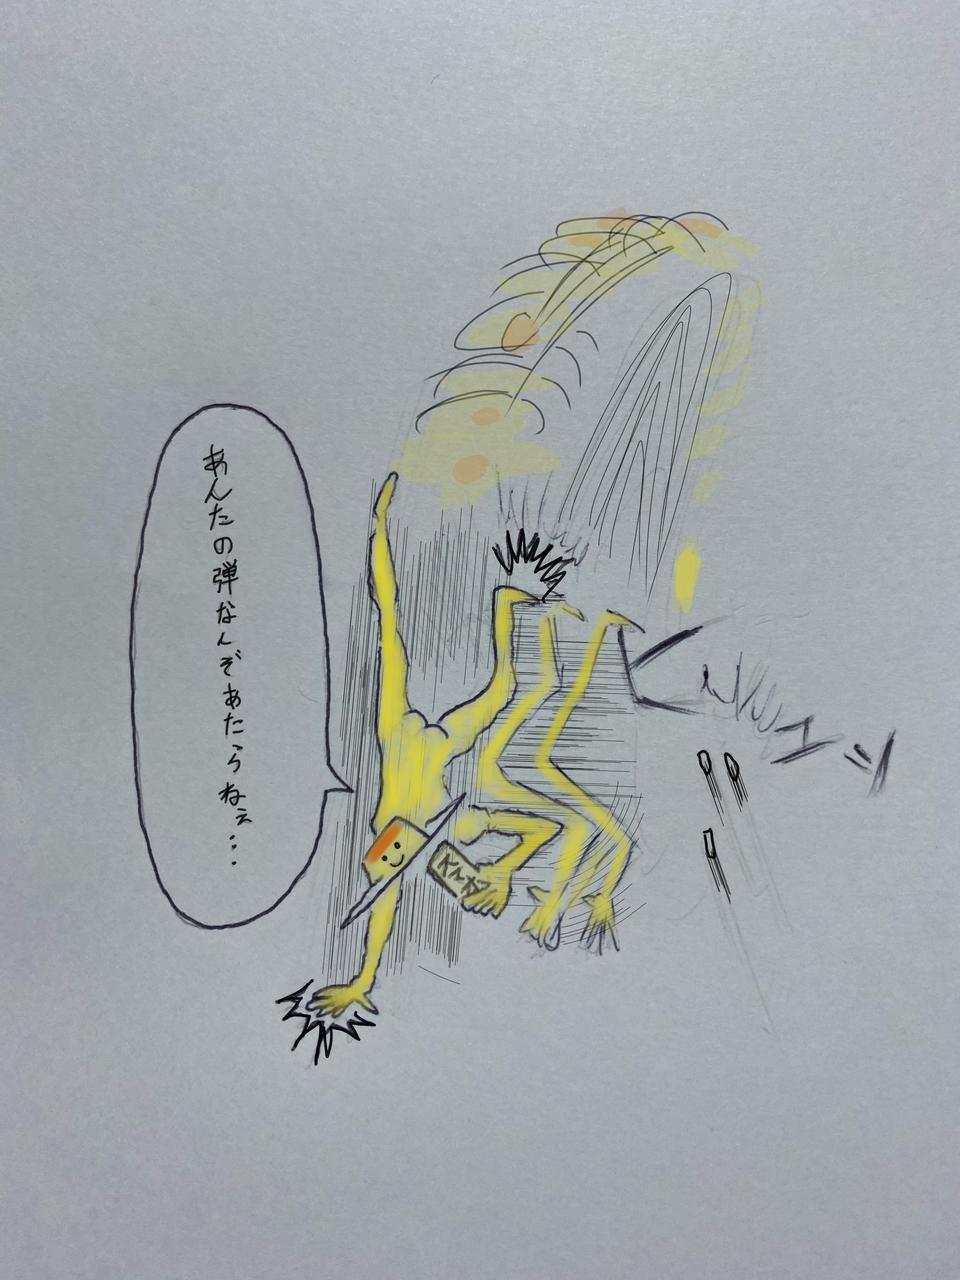 プリンマン木下 Illust of いちぢく 謎 medibangpaint !? プリン